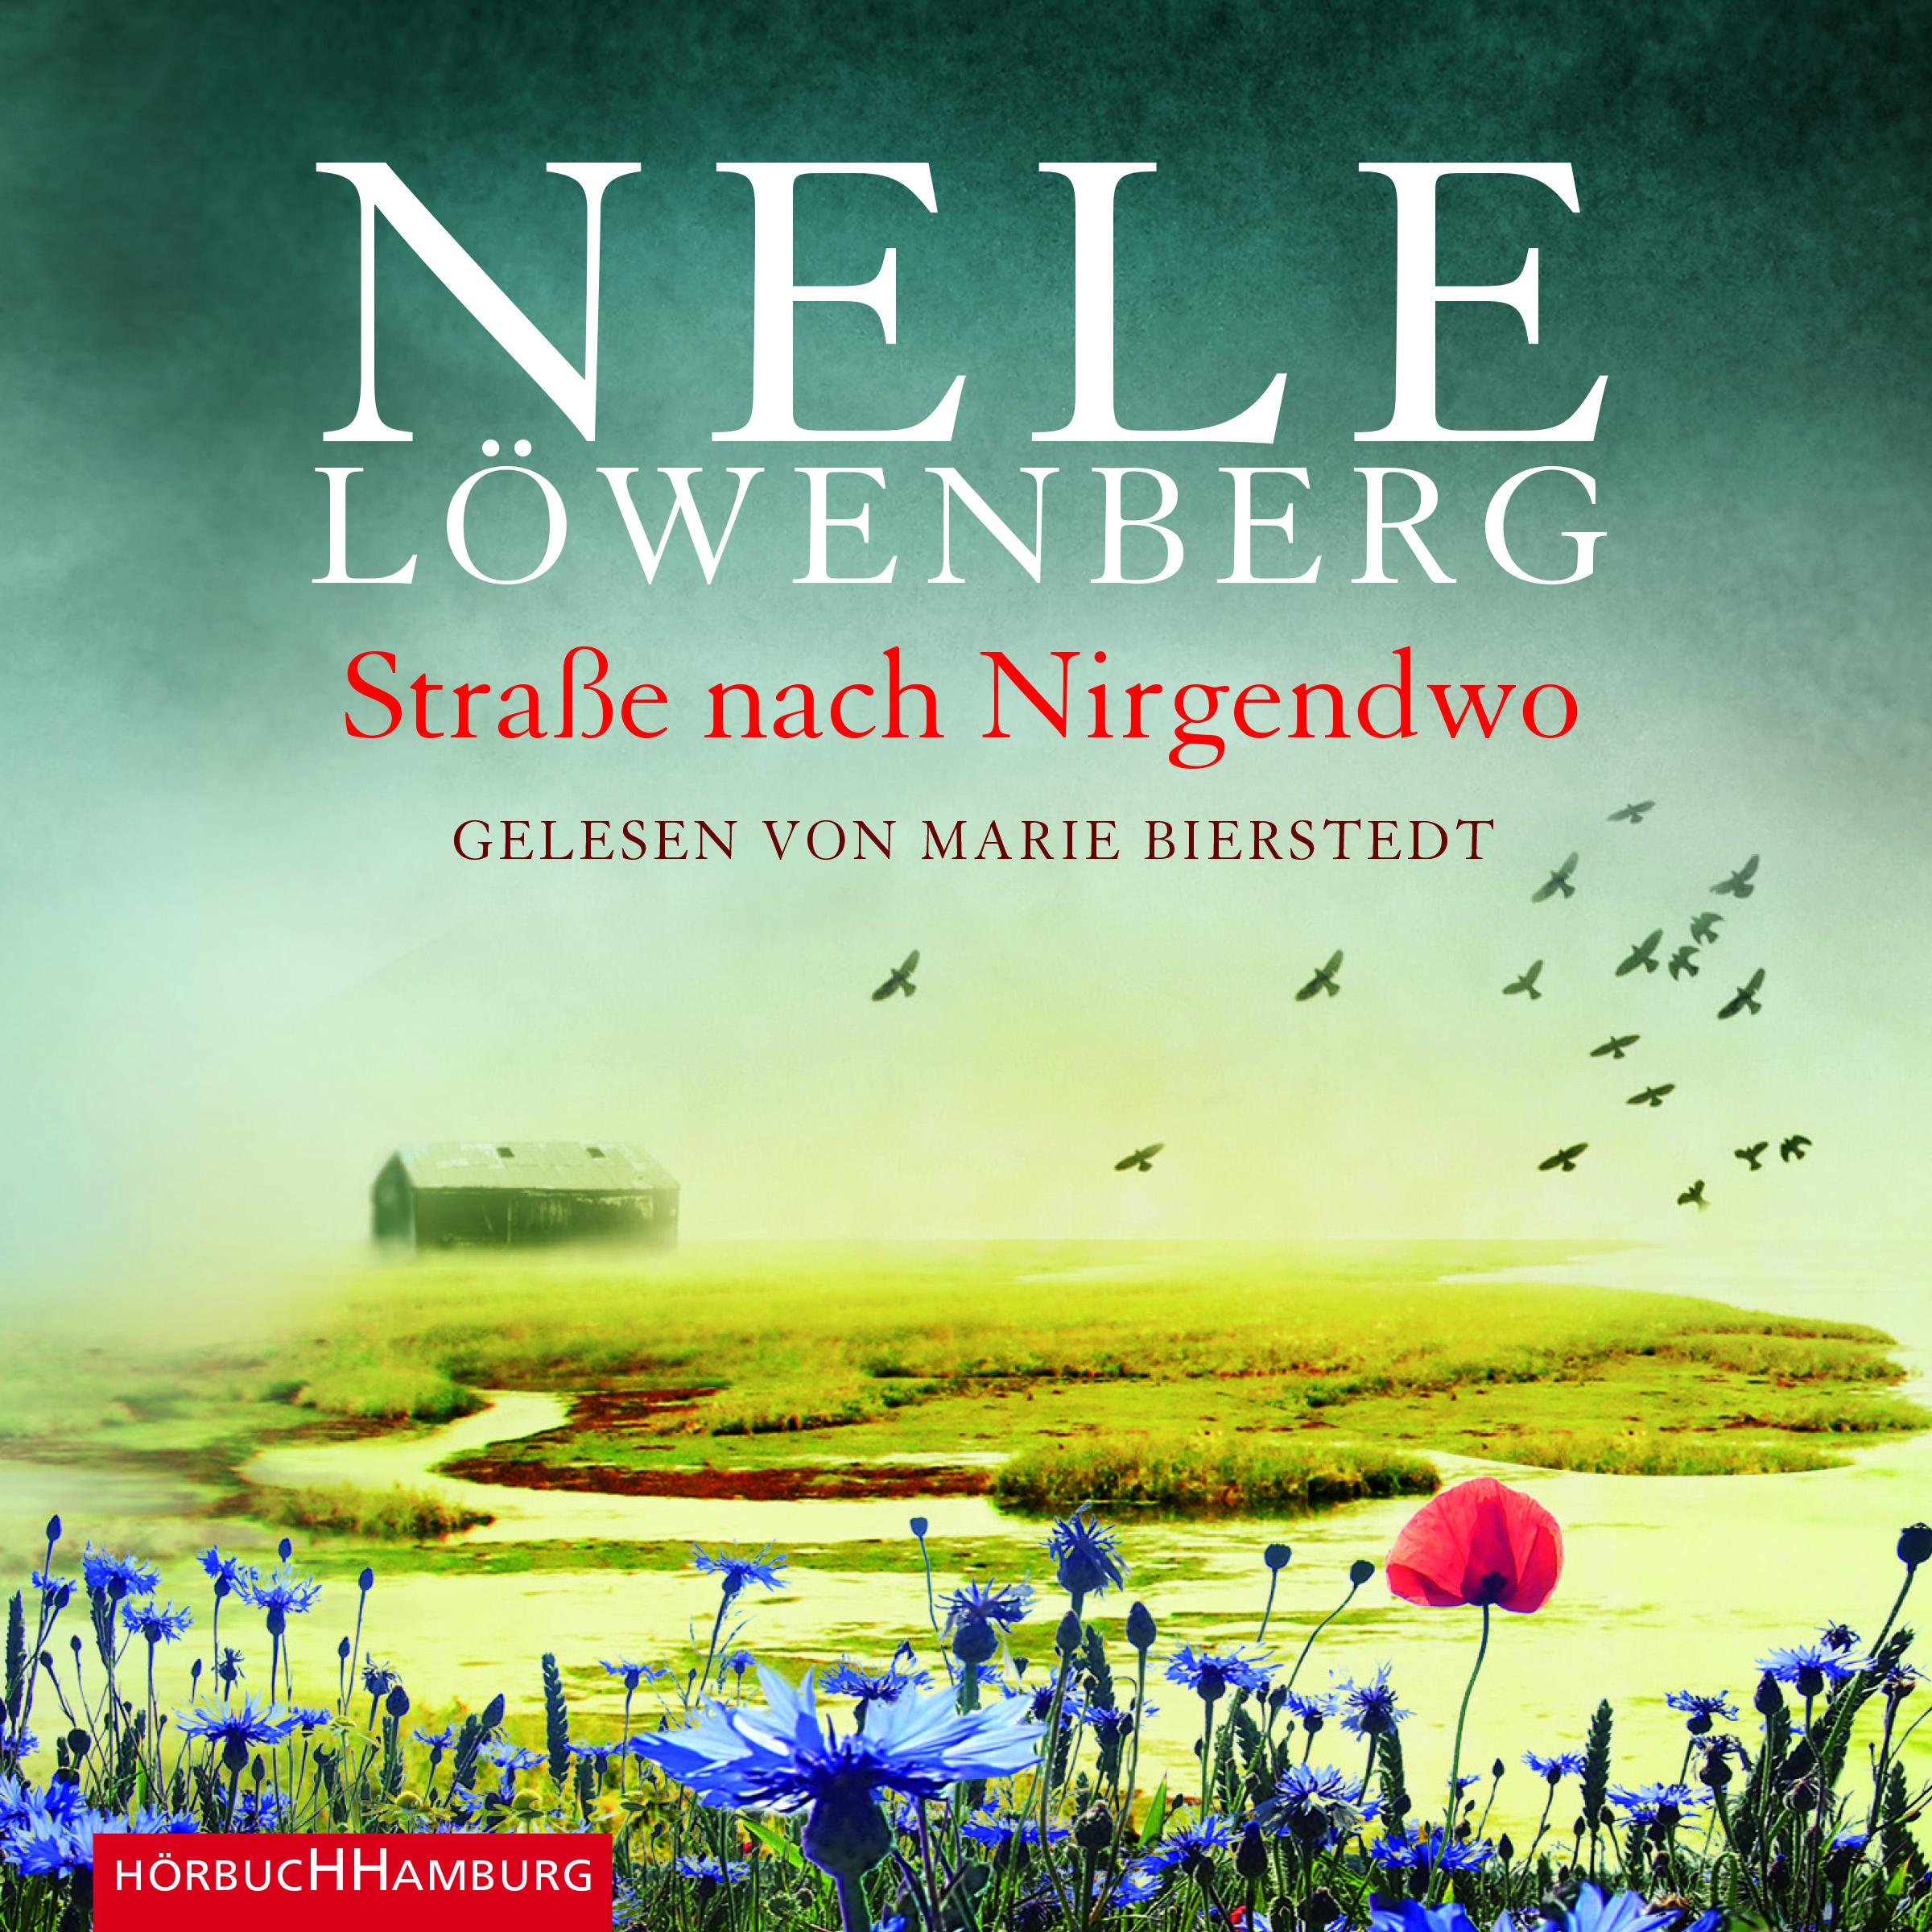 Cover für das Straße nach Nirgendwo Hörbuch